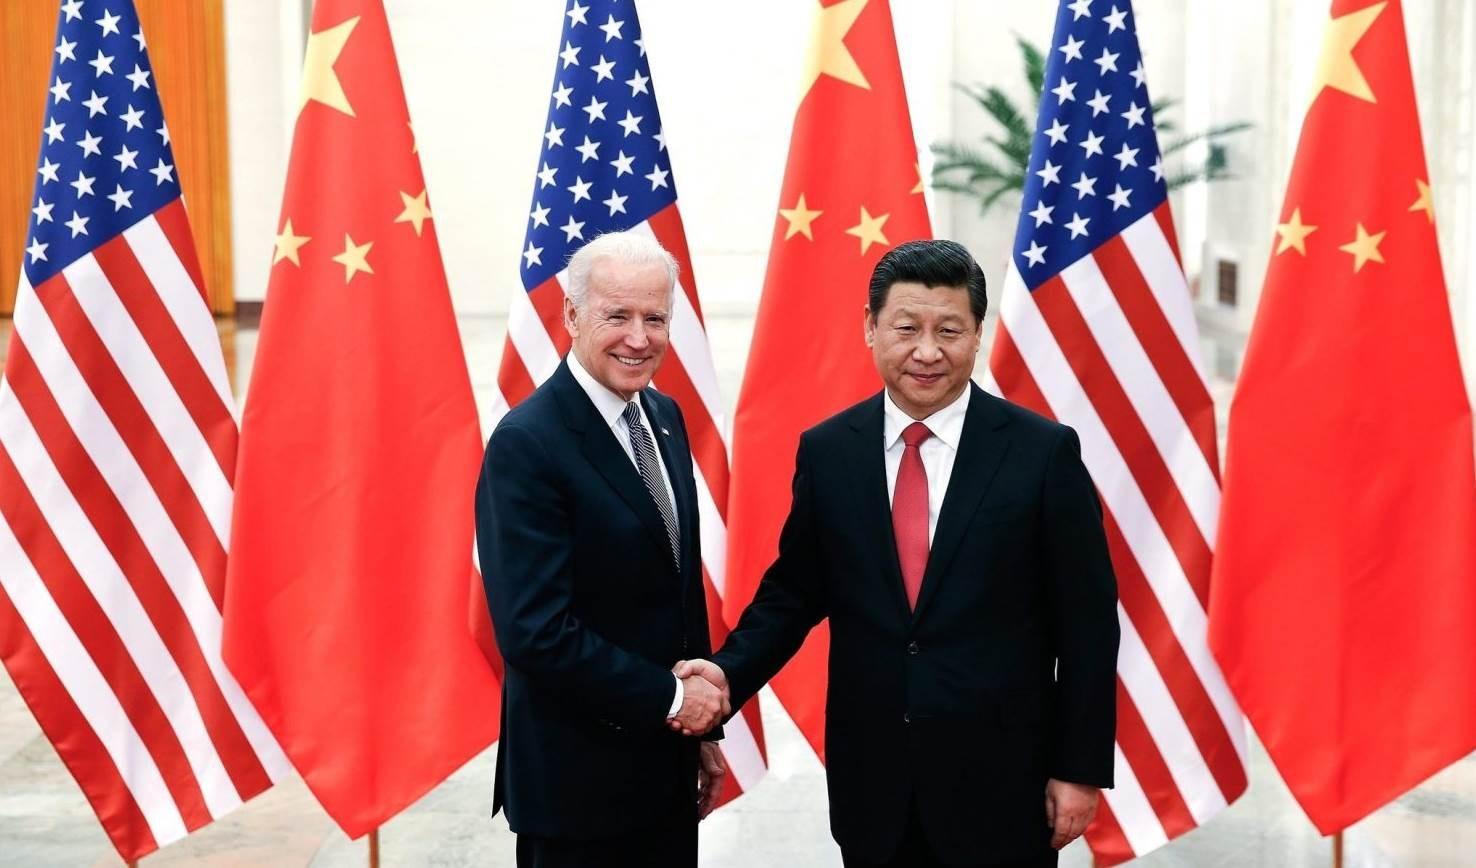 الرئيس الصيني شي جين بينغ مع جو بايدن في صورة من الأرشيف.